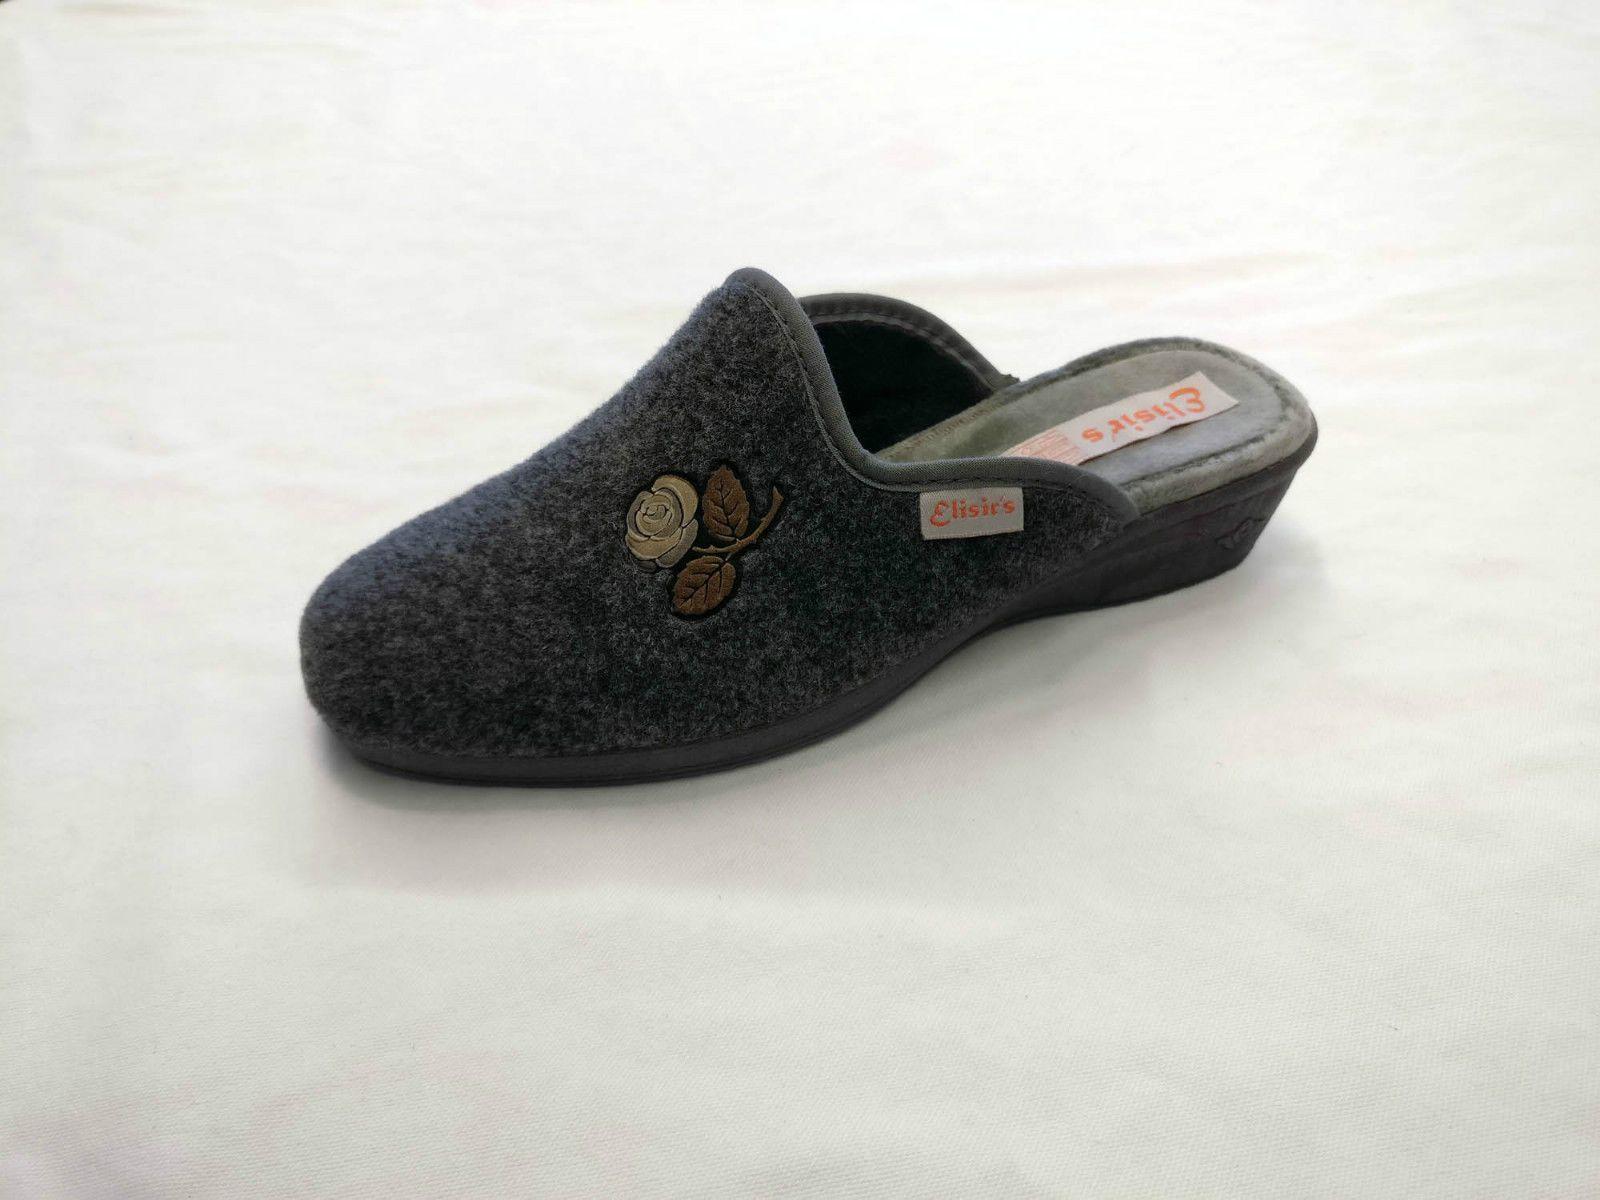 Nero Giardini A909031D Nero Sneakers Scarpe Donna Calzature Comode